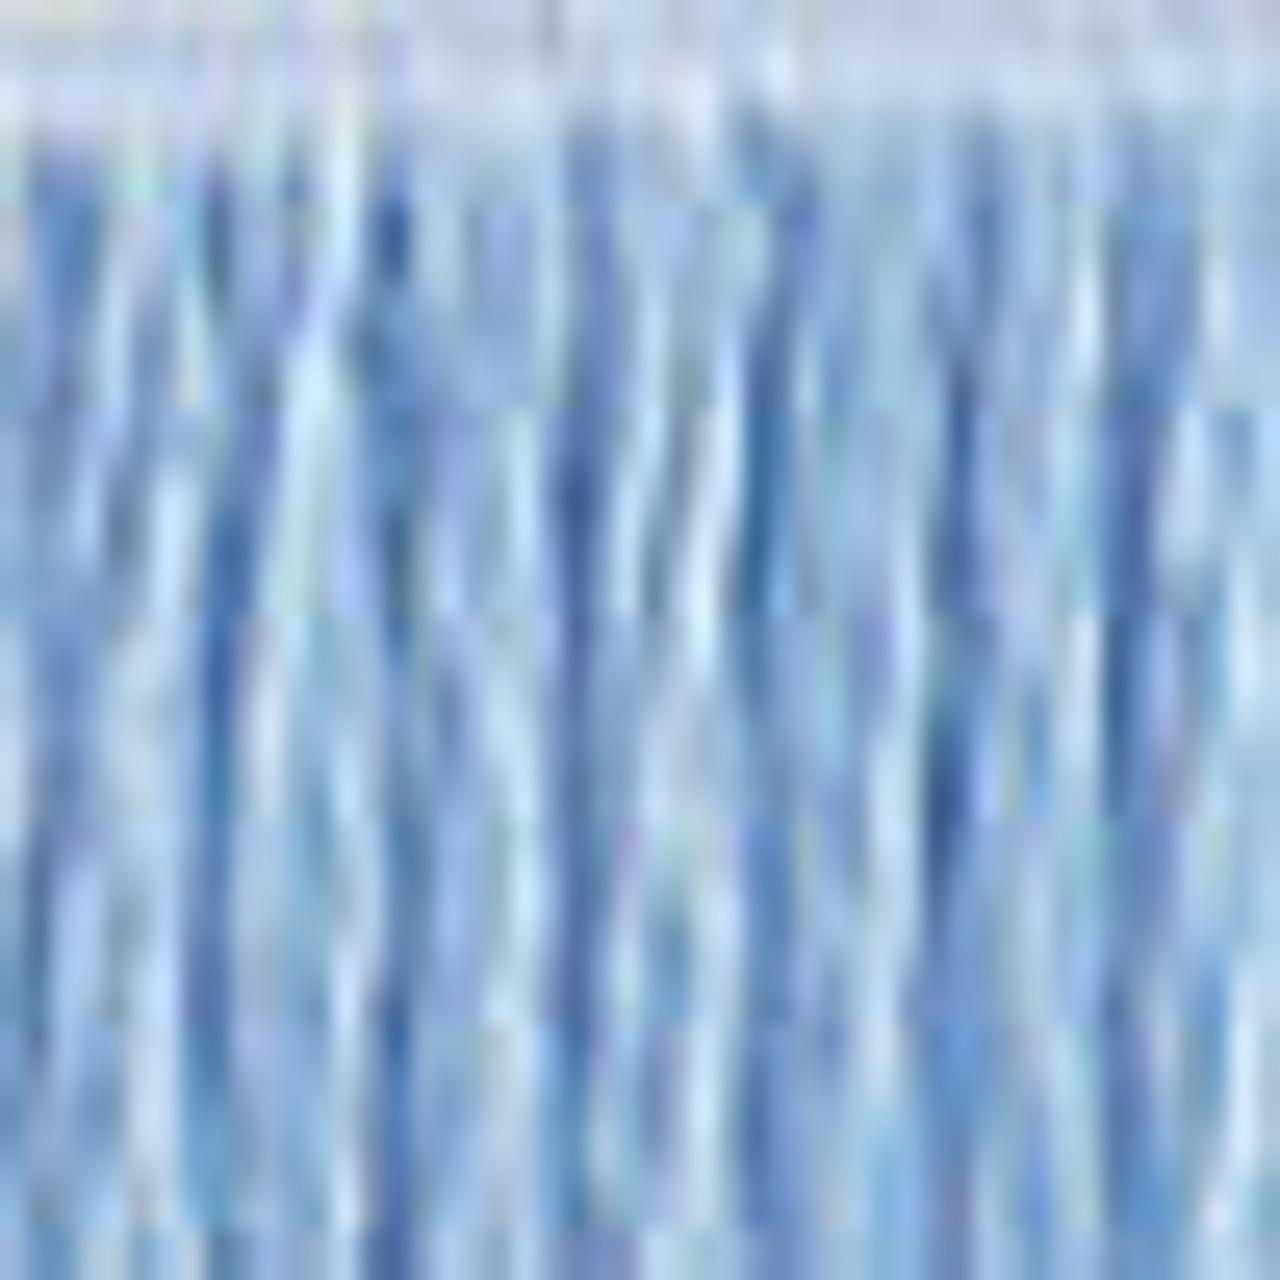 DMC # 341 Light Blue Violet  Floss / Thread